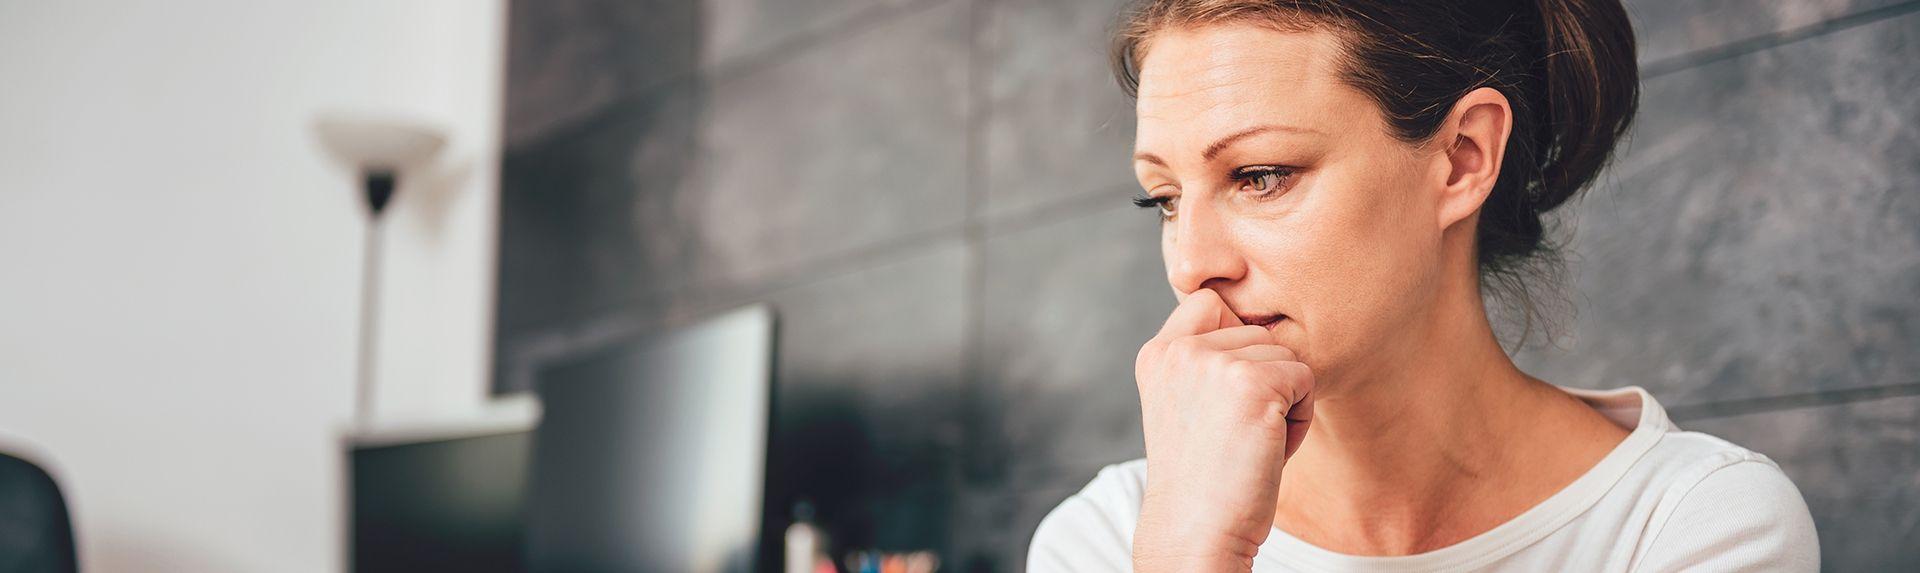 Тревожность во время менопаузы: откуда она берется и что с ней делать